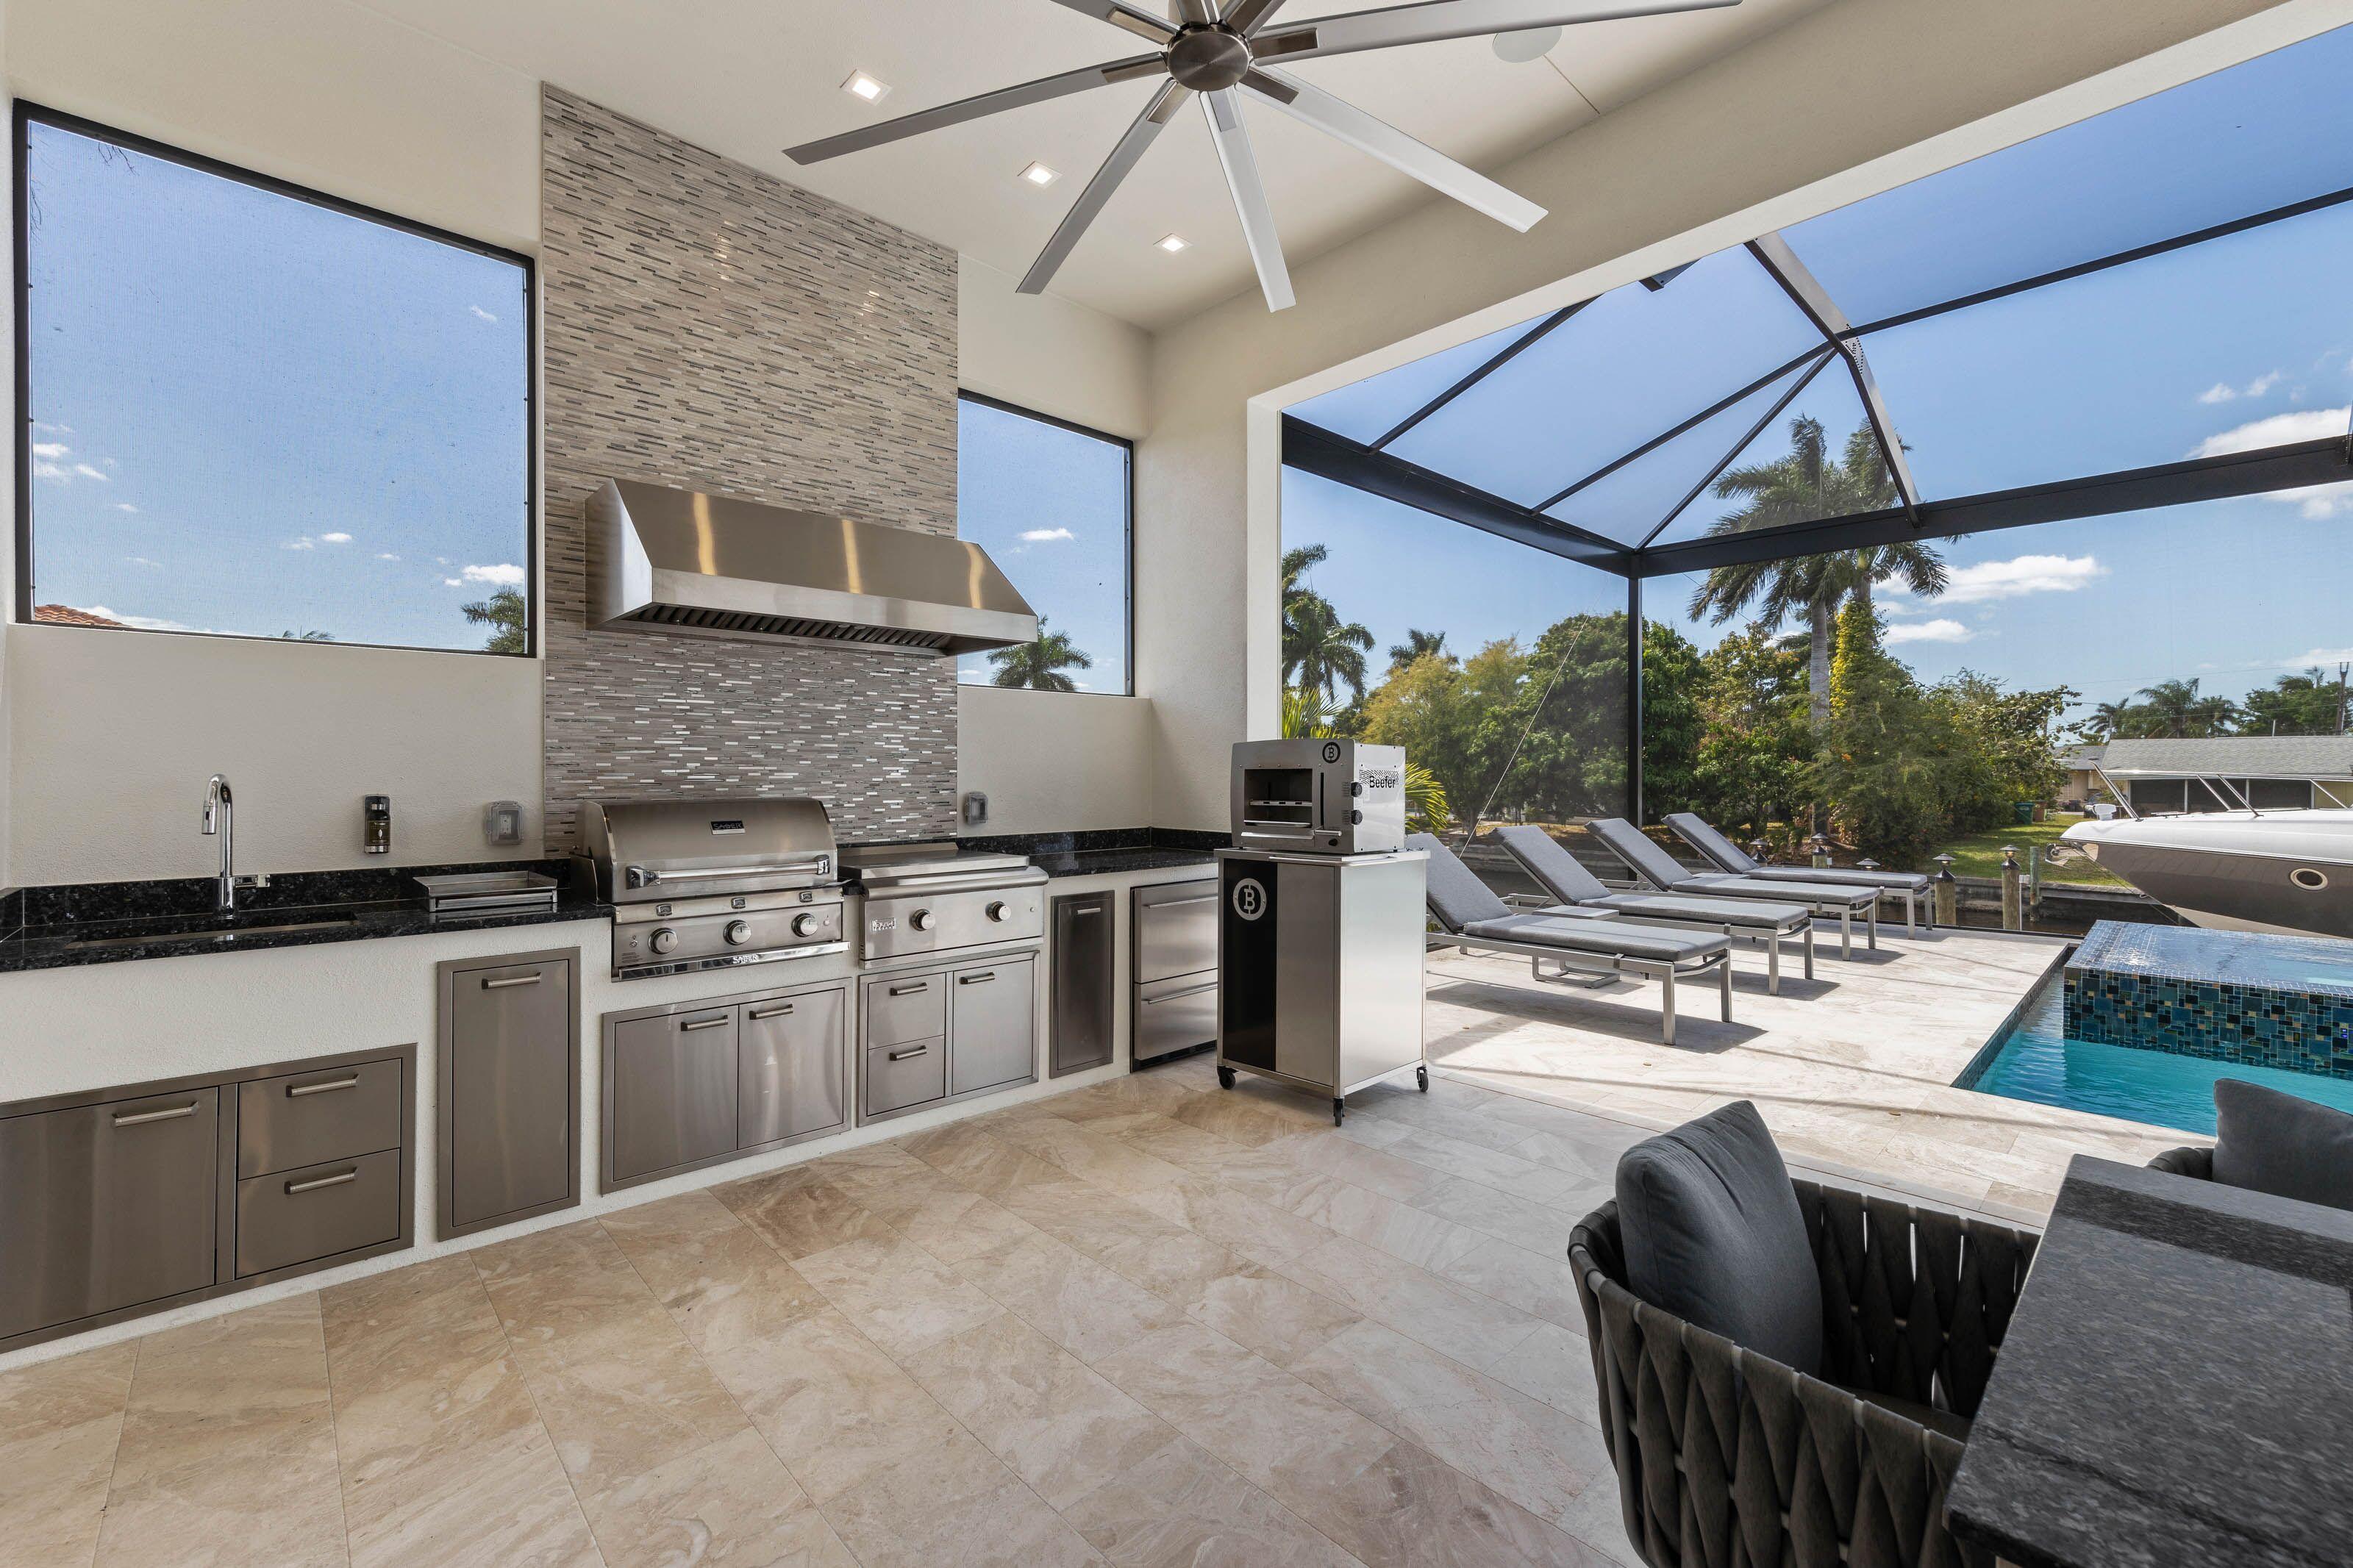 Outdoor kitchen 5366